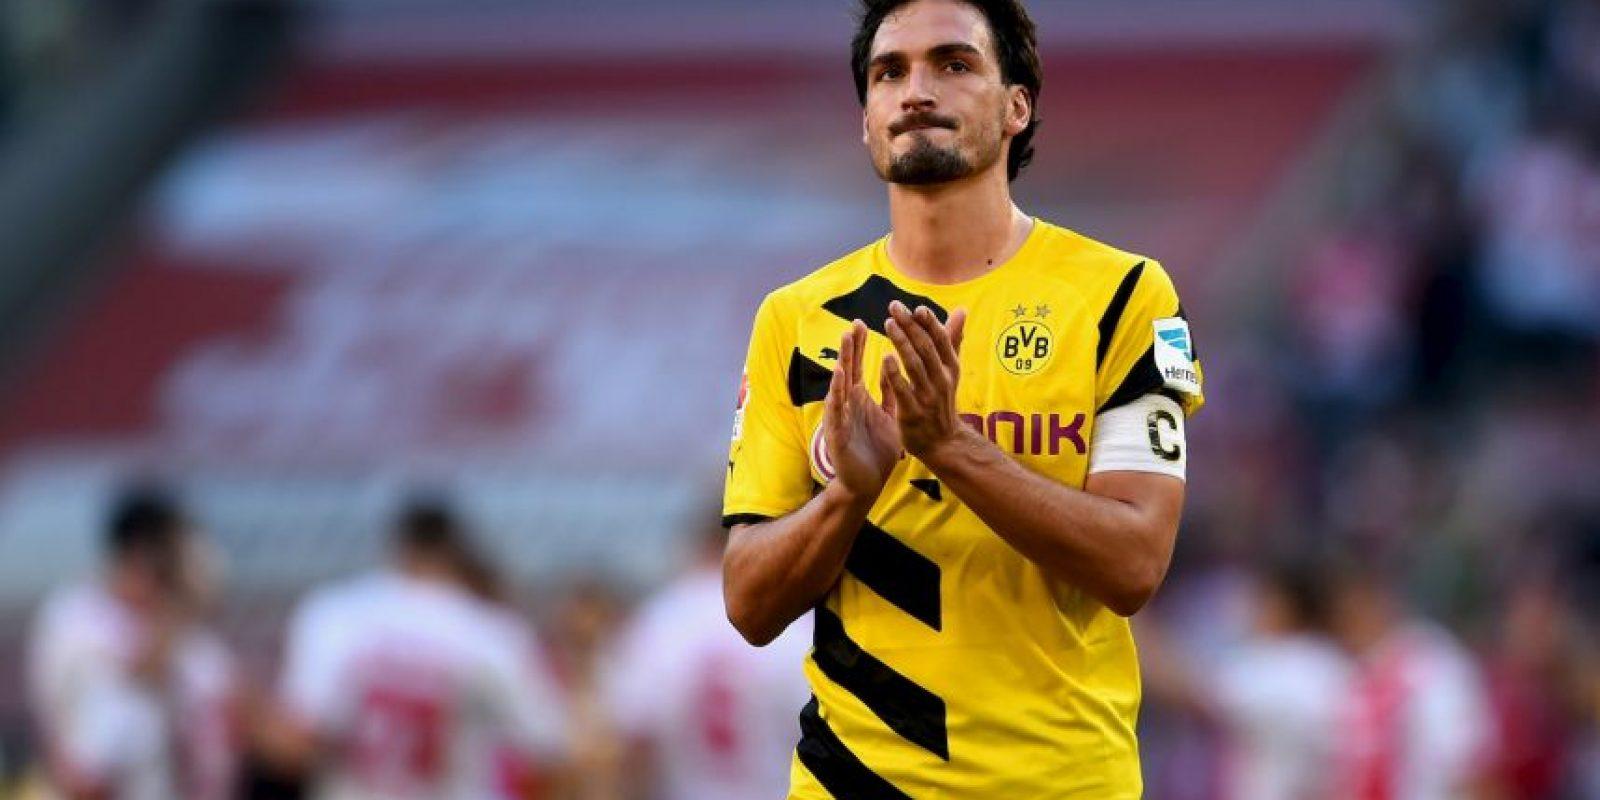 Ha ganado 2 Bundesliga, 1 DFB Pokal (Copa de Alemania) y 2 Supercopa de Alemania. Foto:Getty Images